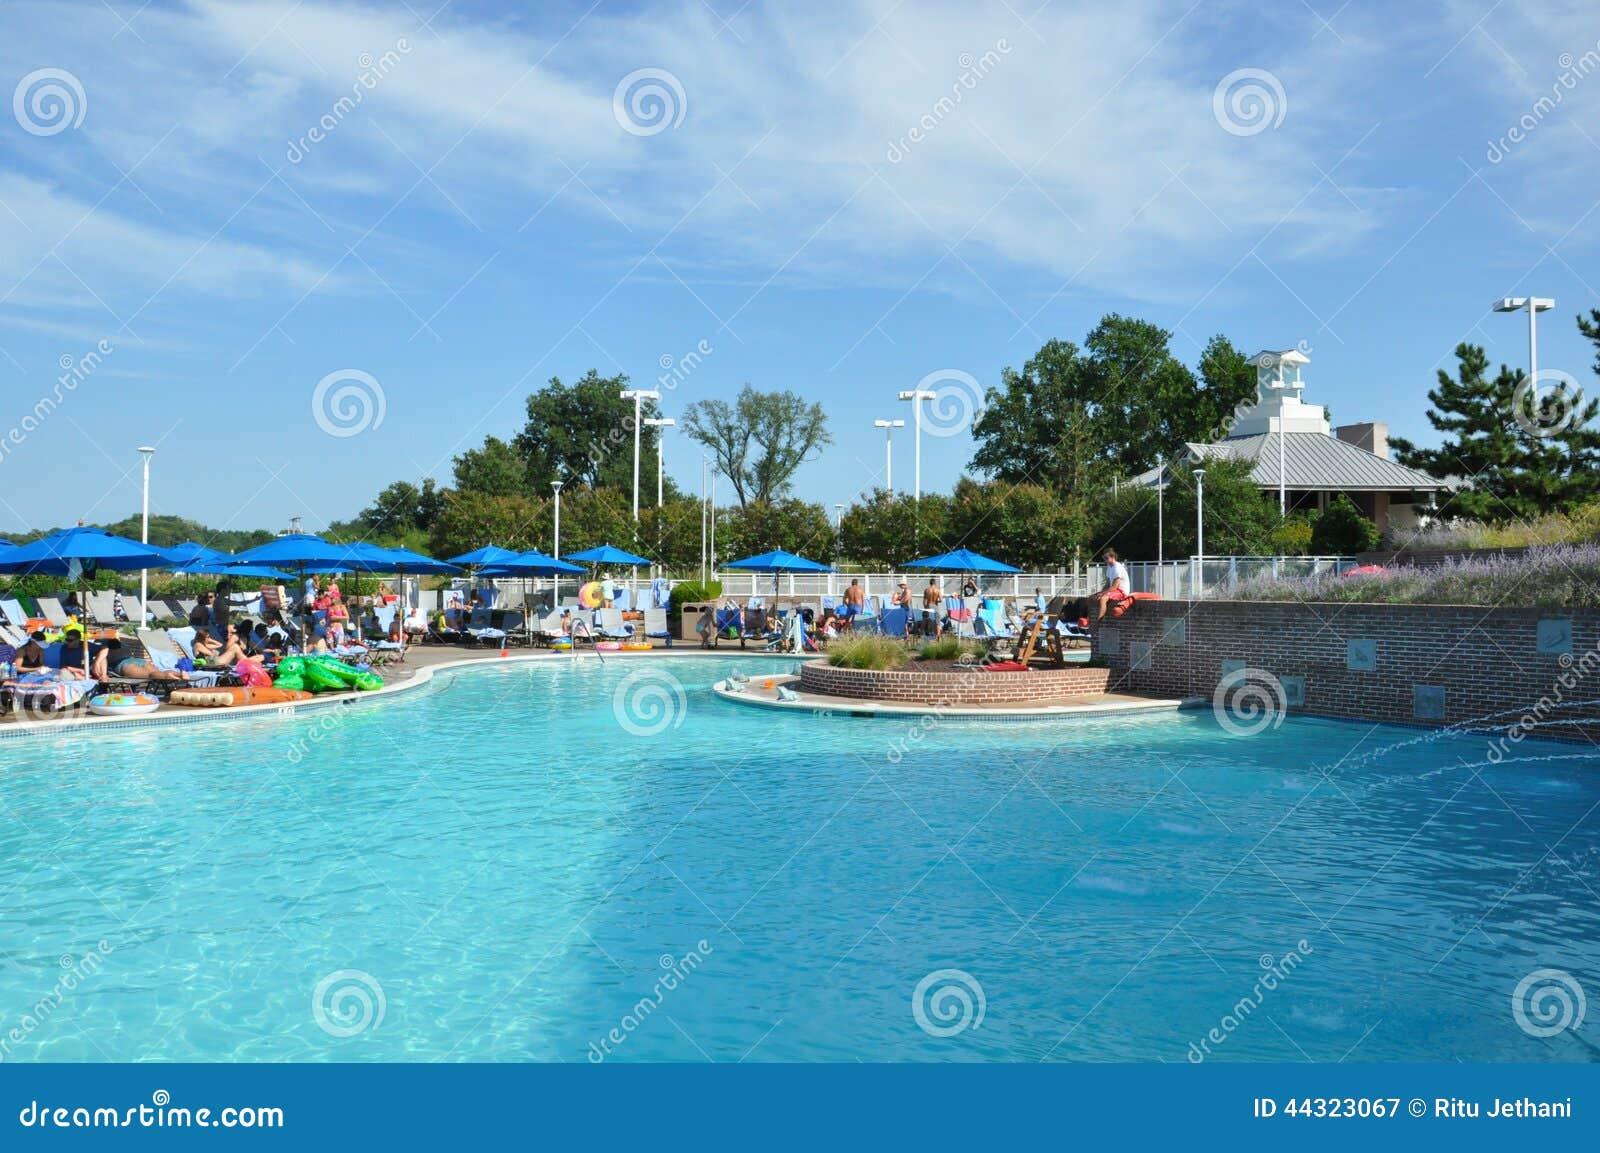 poolside fun at the hyatt regency chesapeake bay resort in. Black Bedroom Furniture Sets. Home Design Ideas